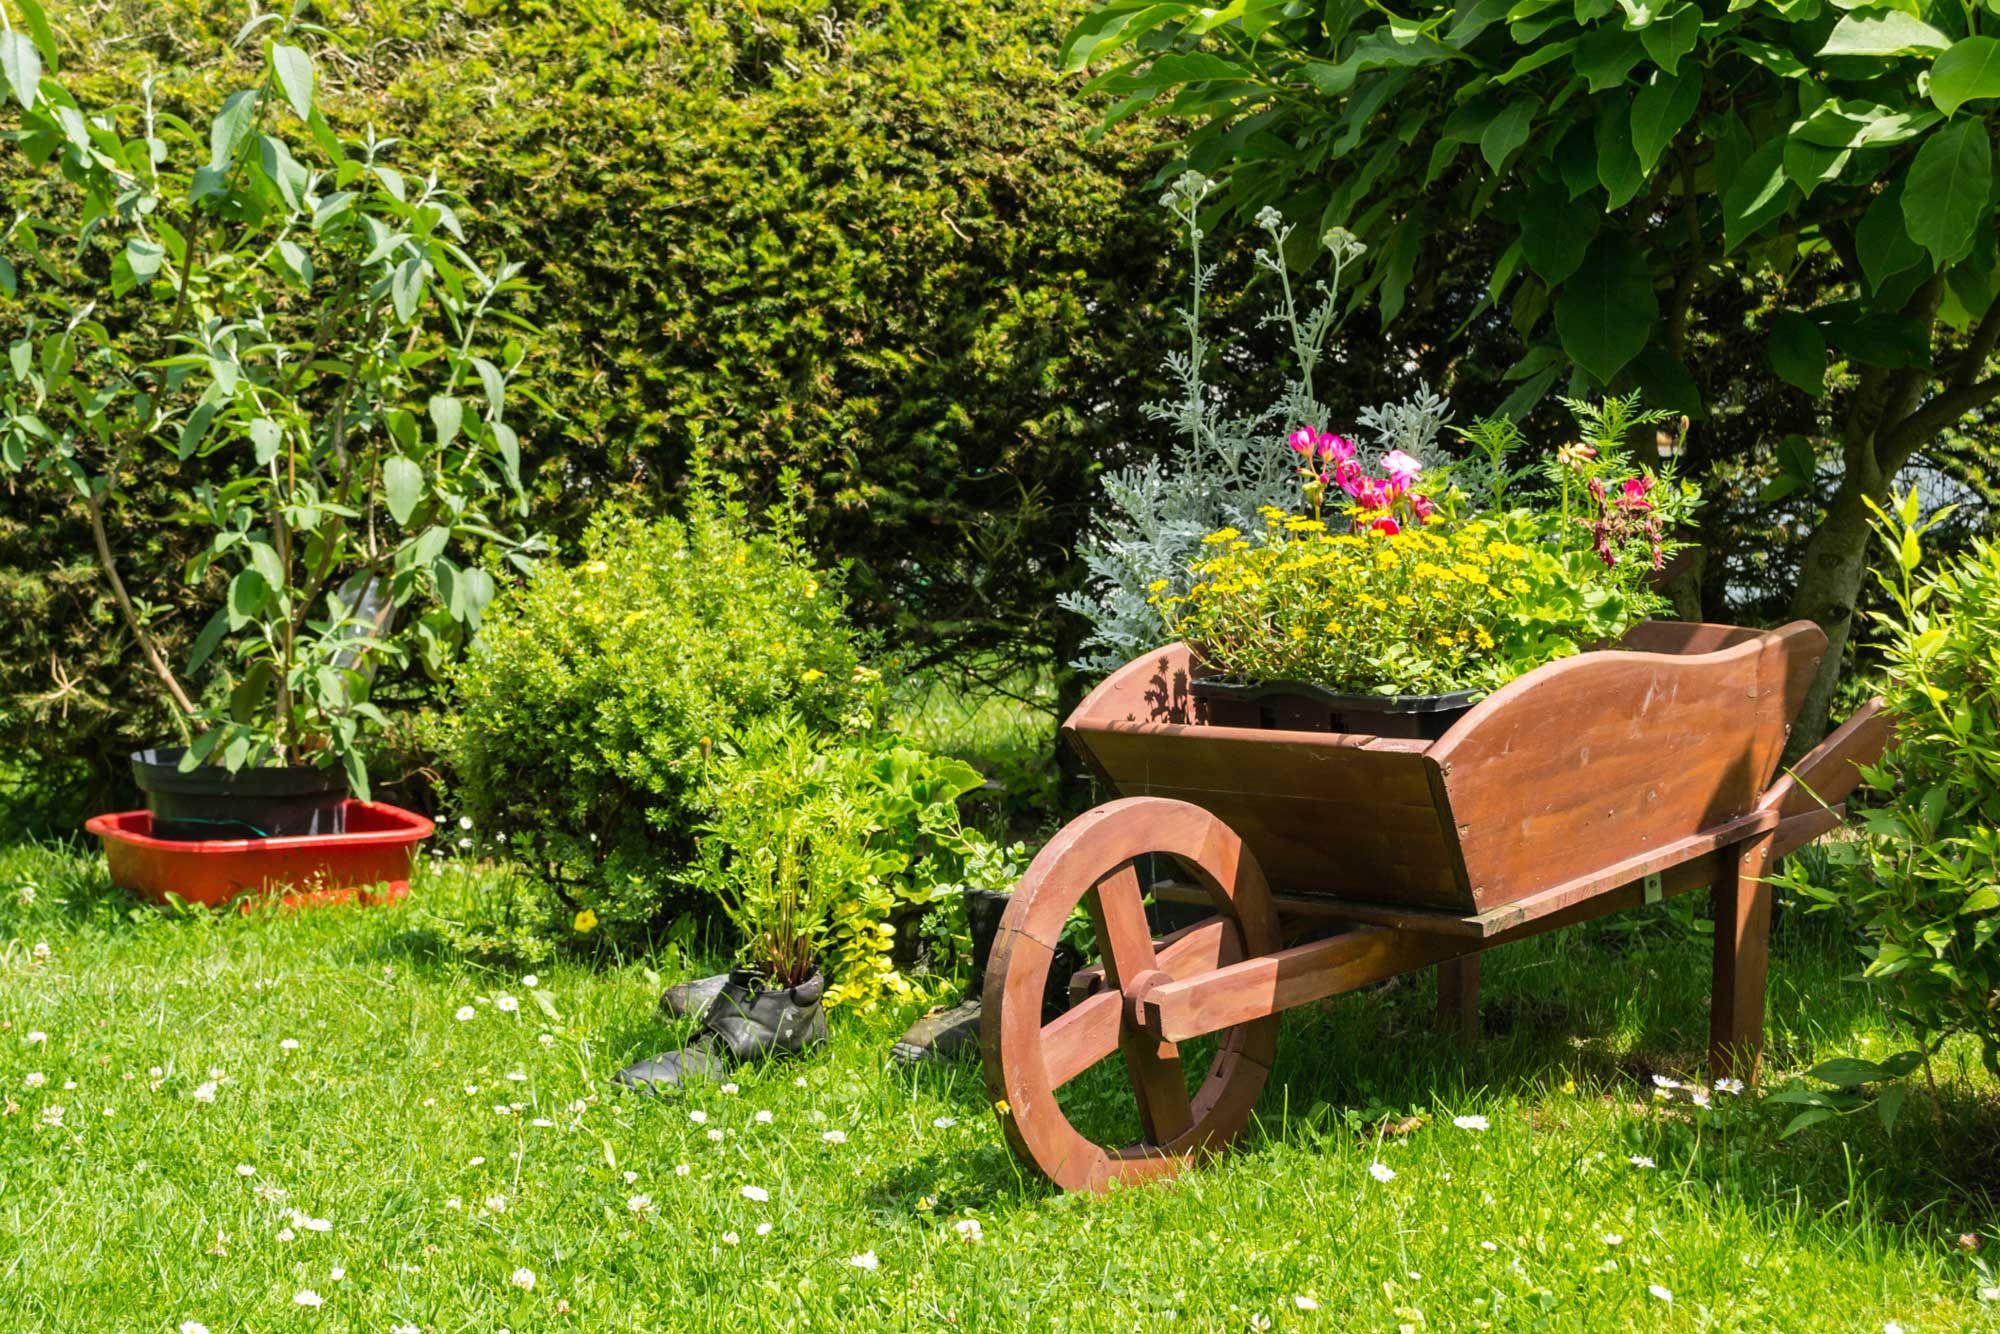 Décorez le jardin avec des brouettes avec des fleurs